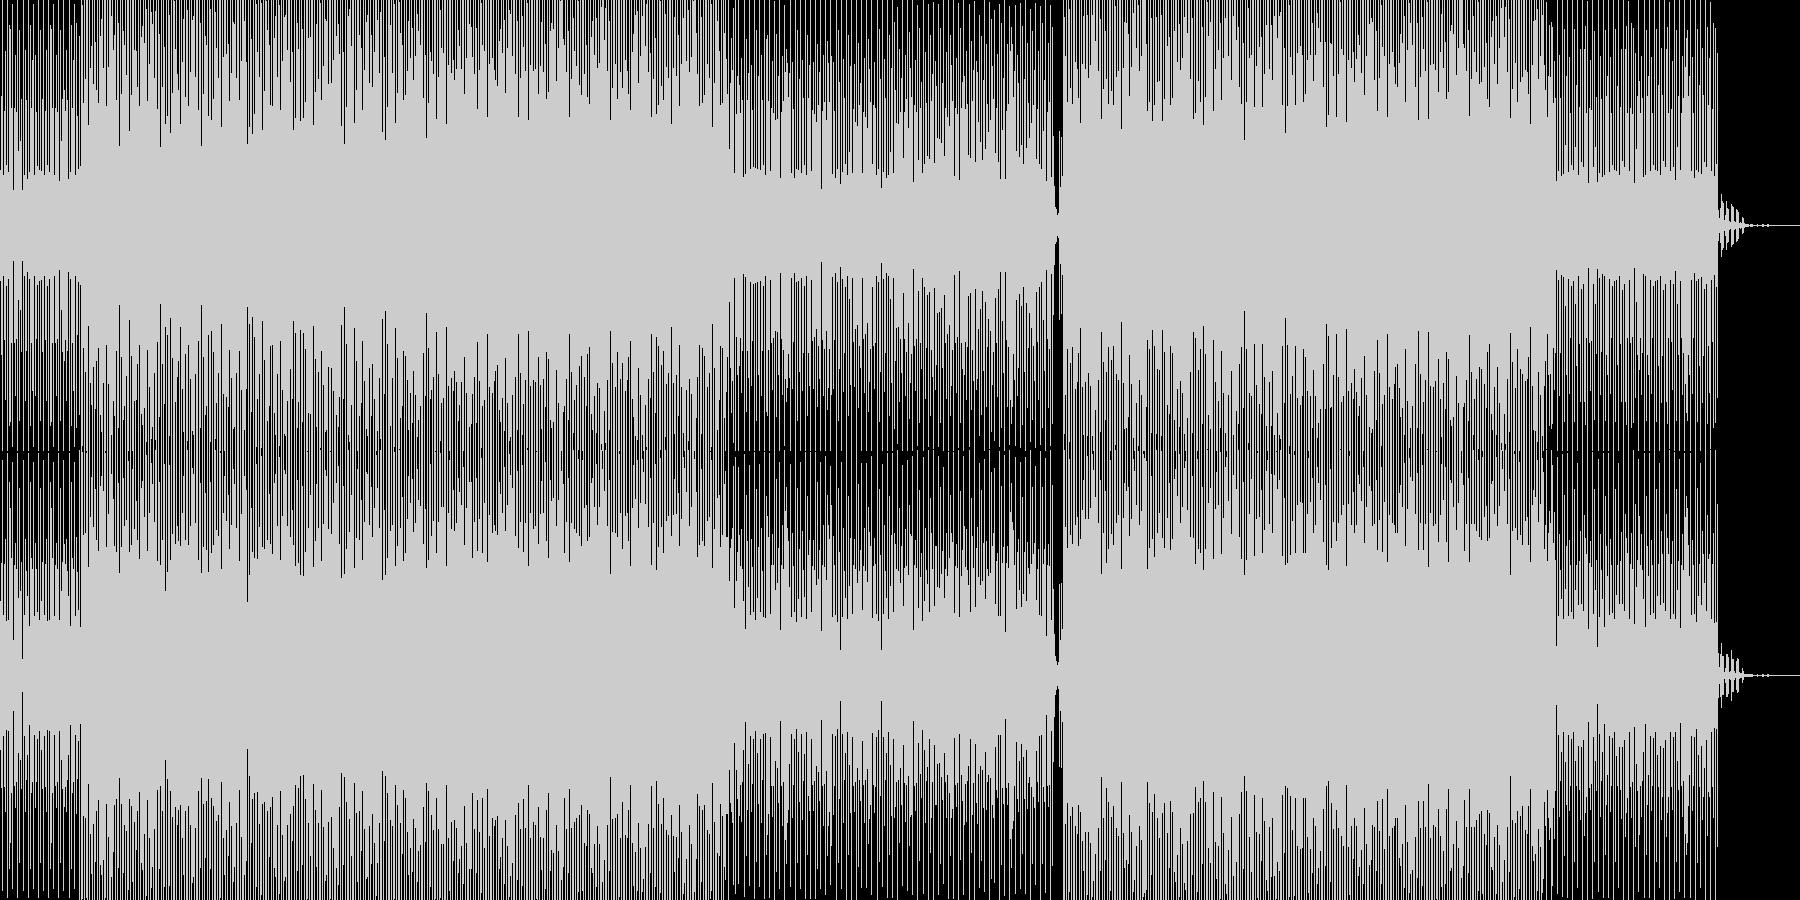 静かでノイジーでアンビエント的テクノの未再生の波形